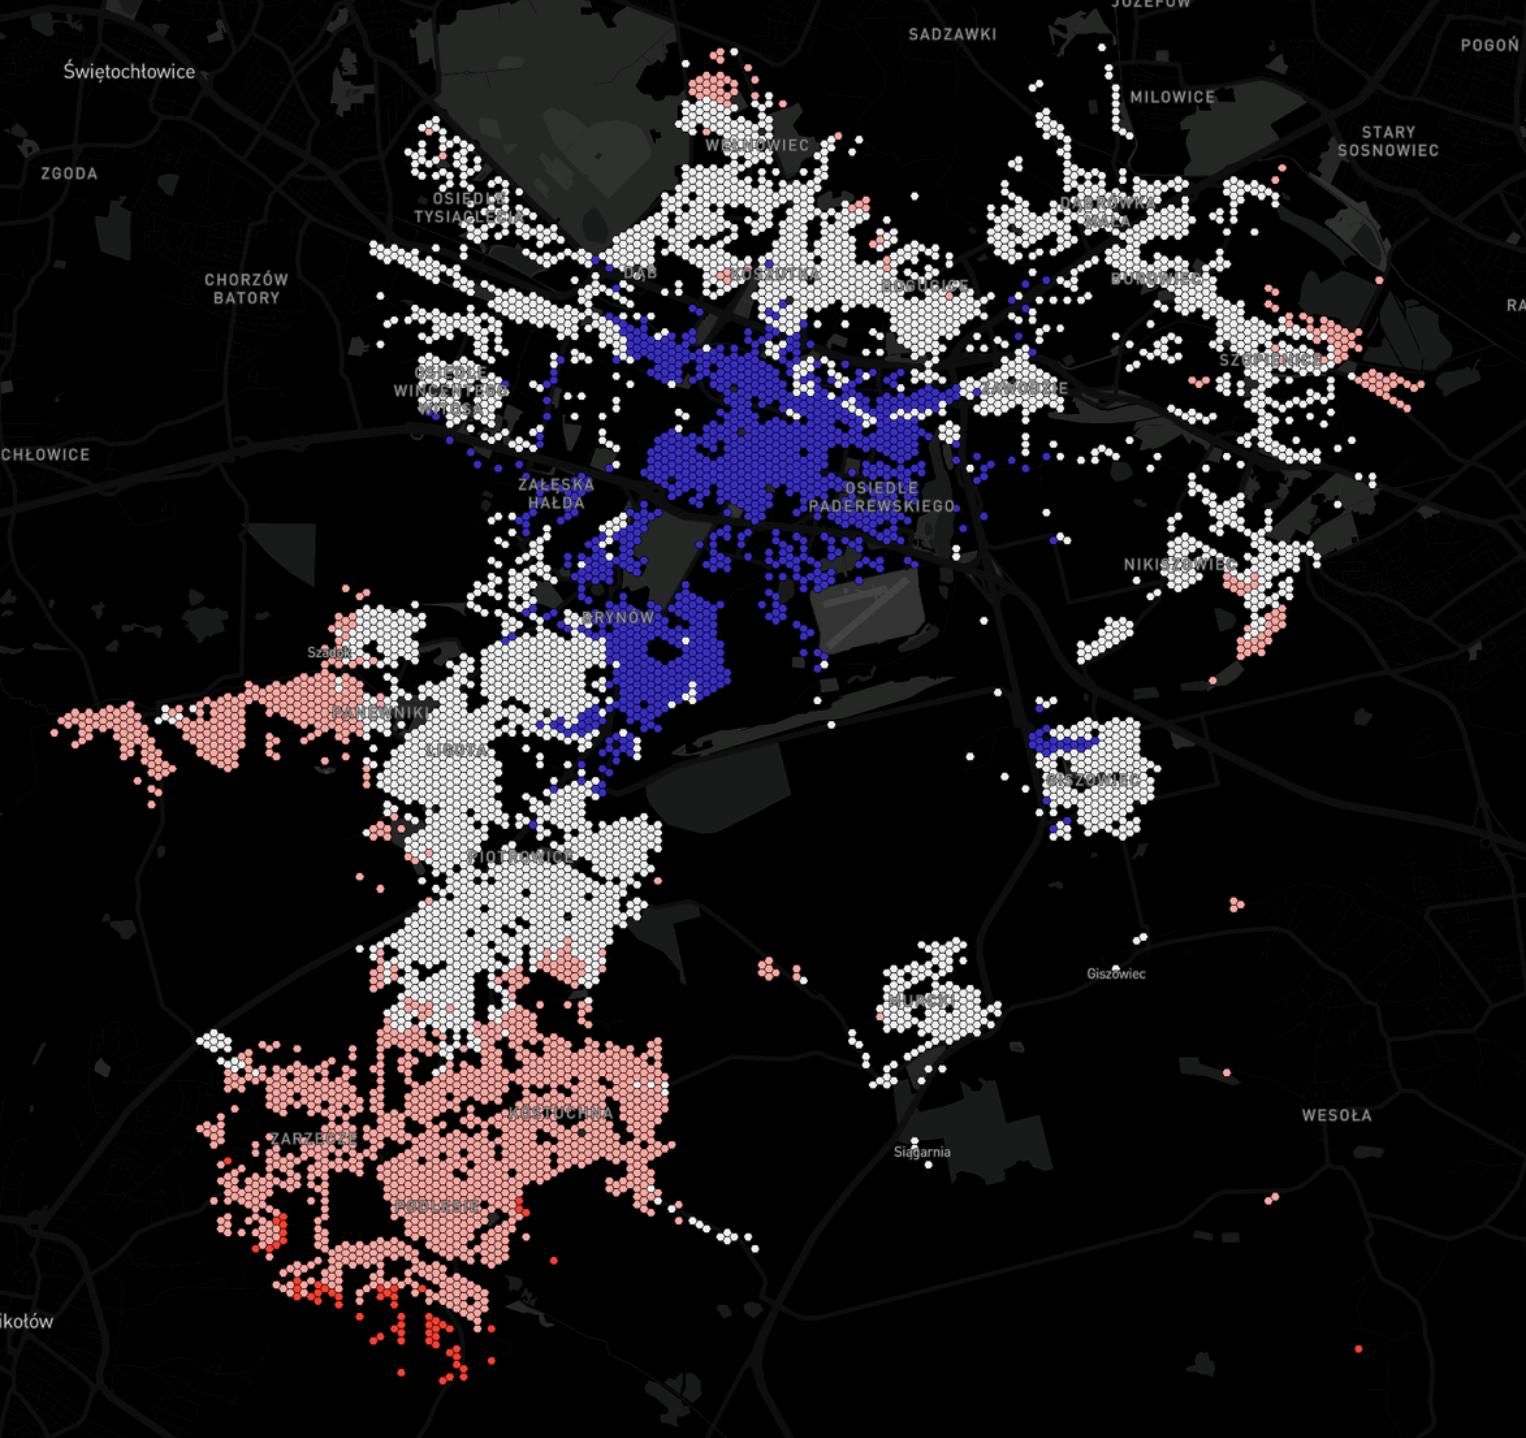 Screenshot 2021-05-21 at 17.20.06